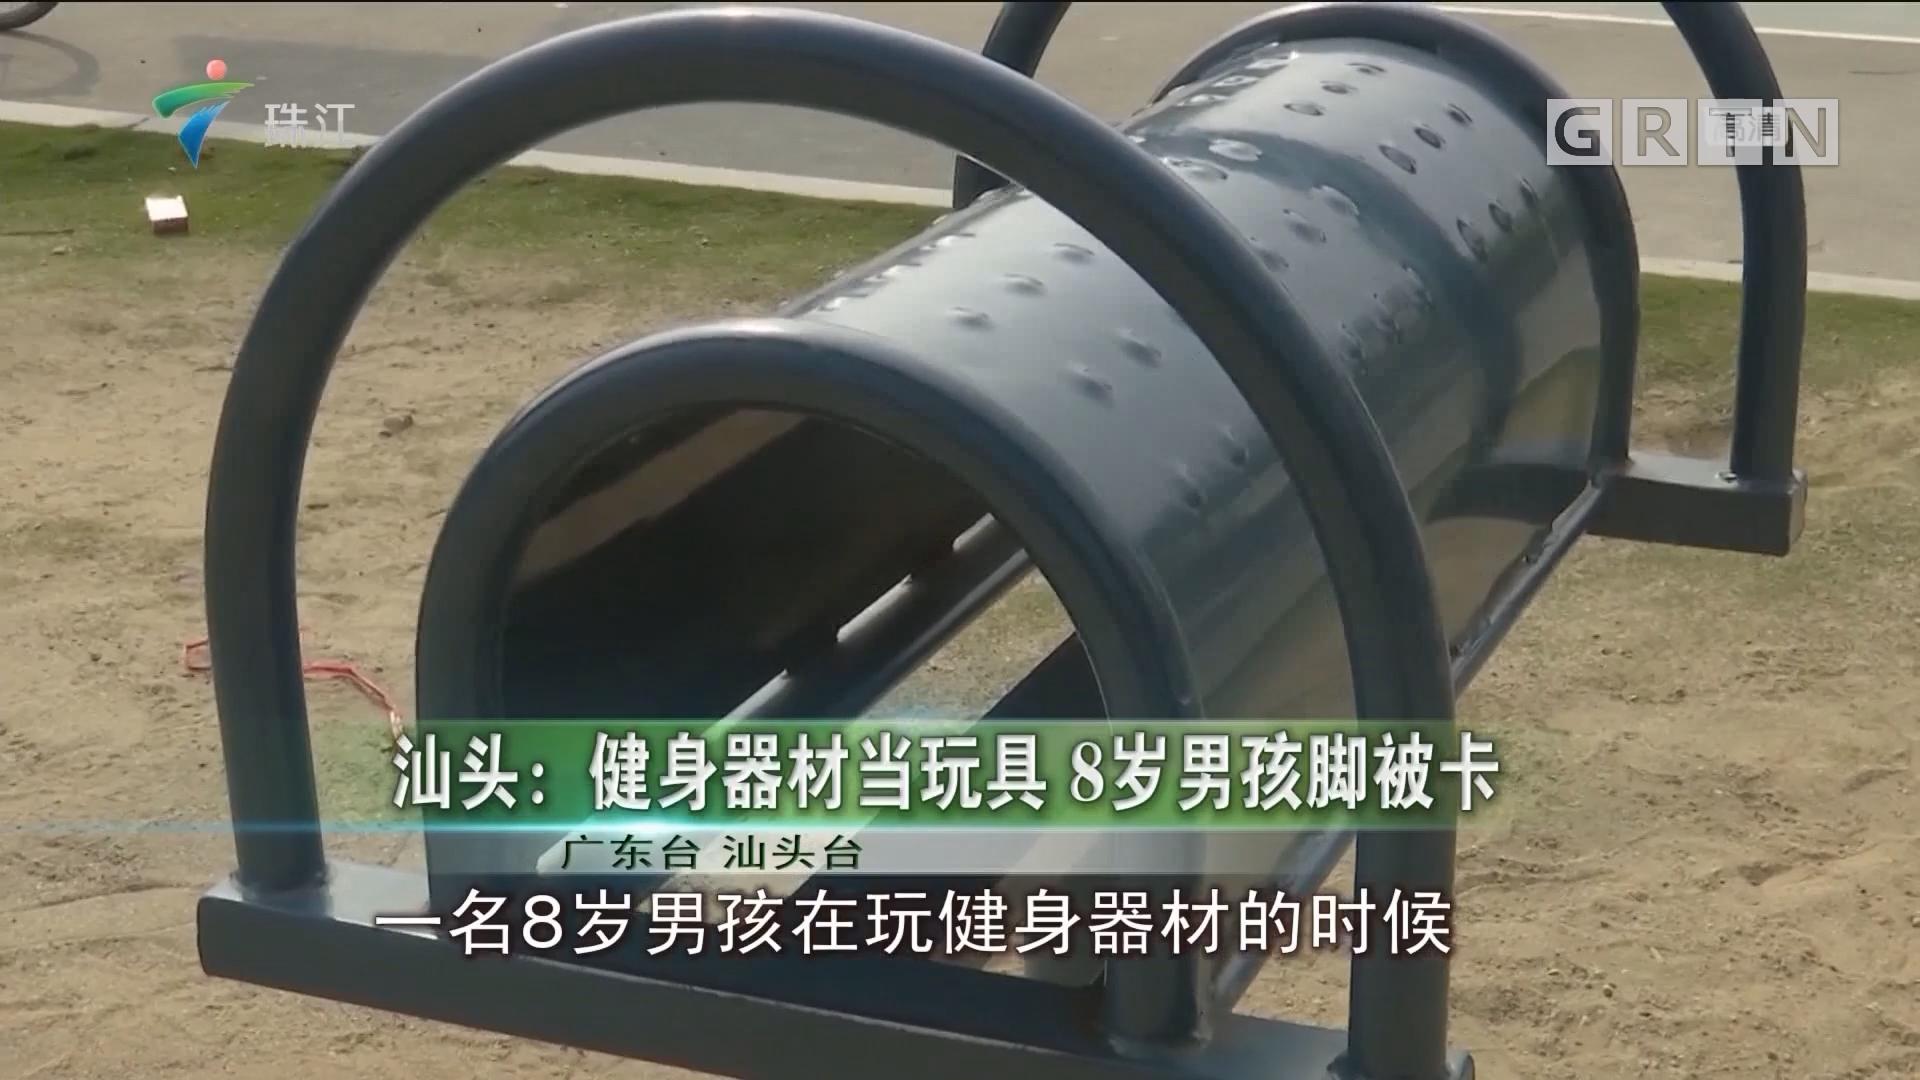 汕头:健身器材当玩具 8岁男孩脚被卡